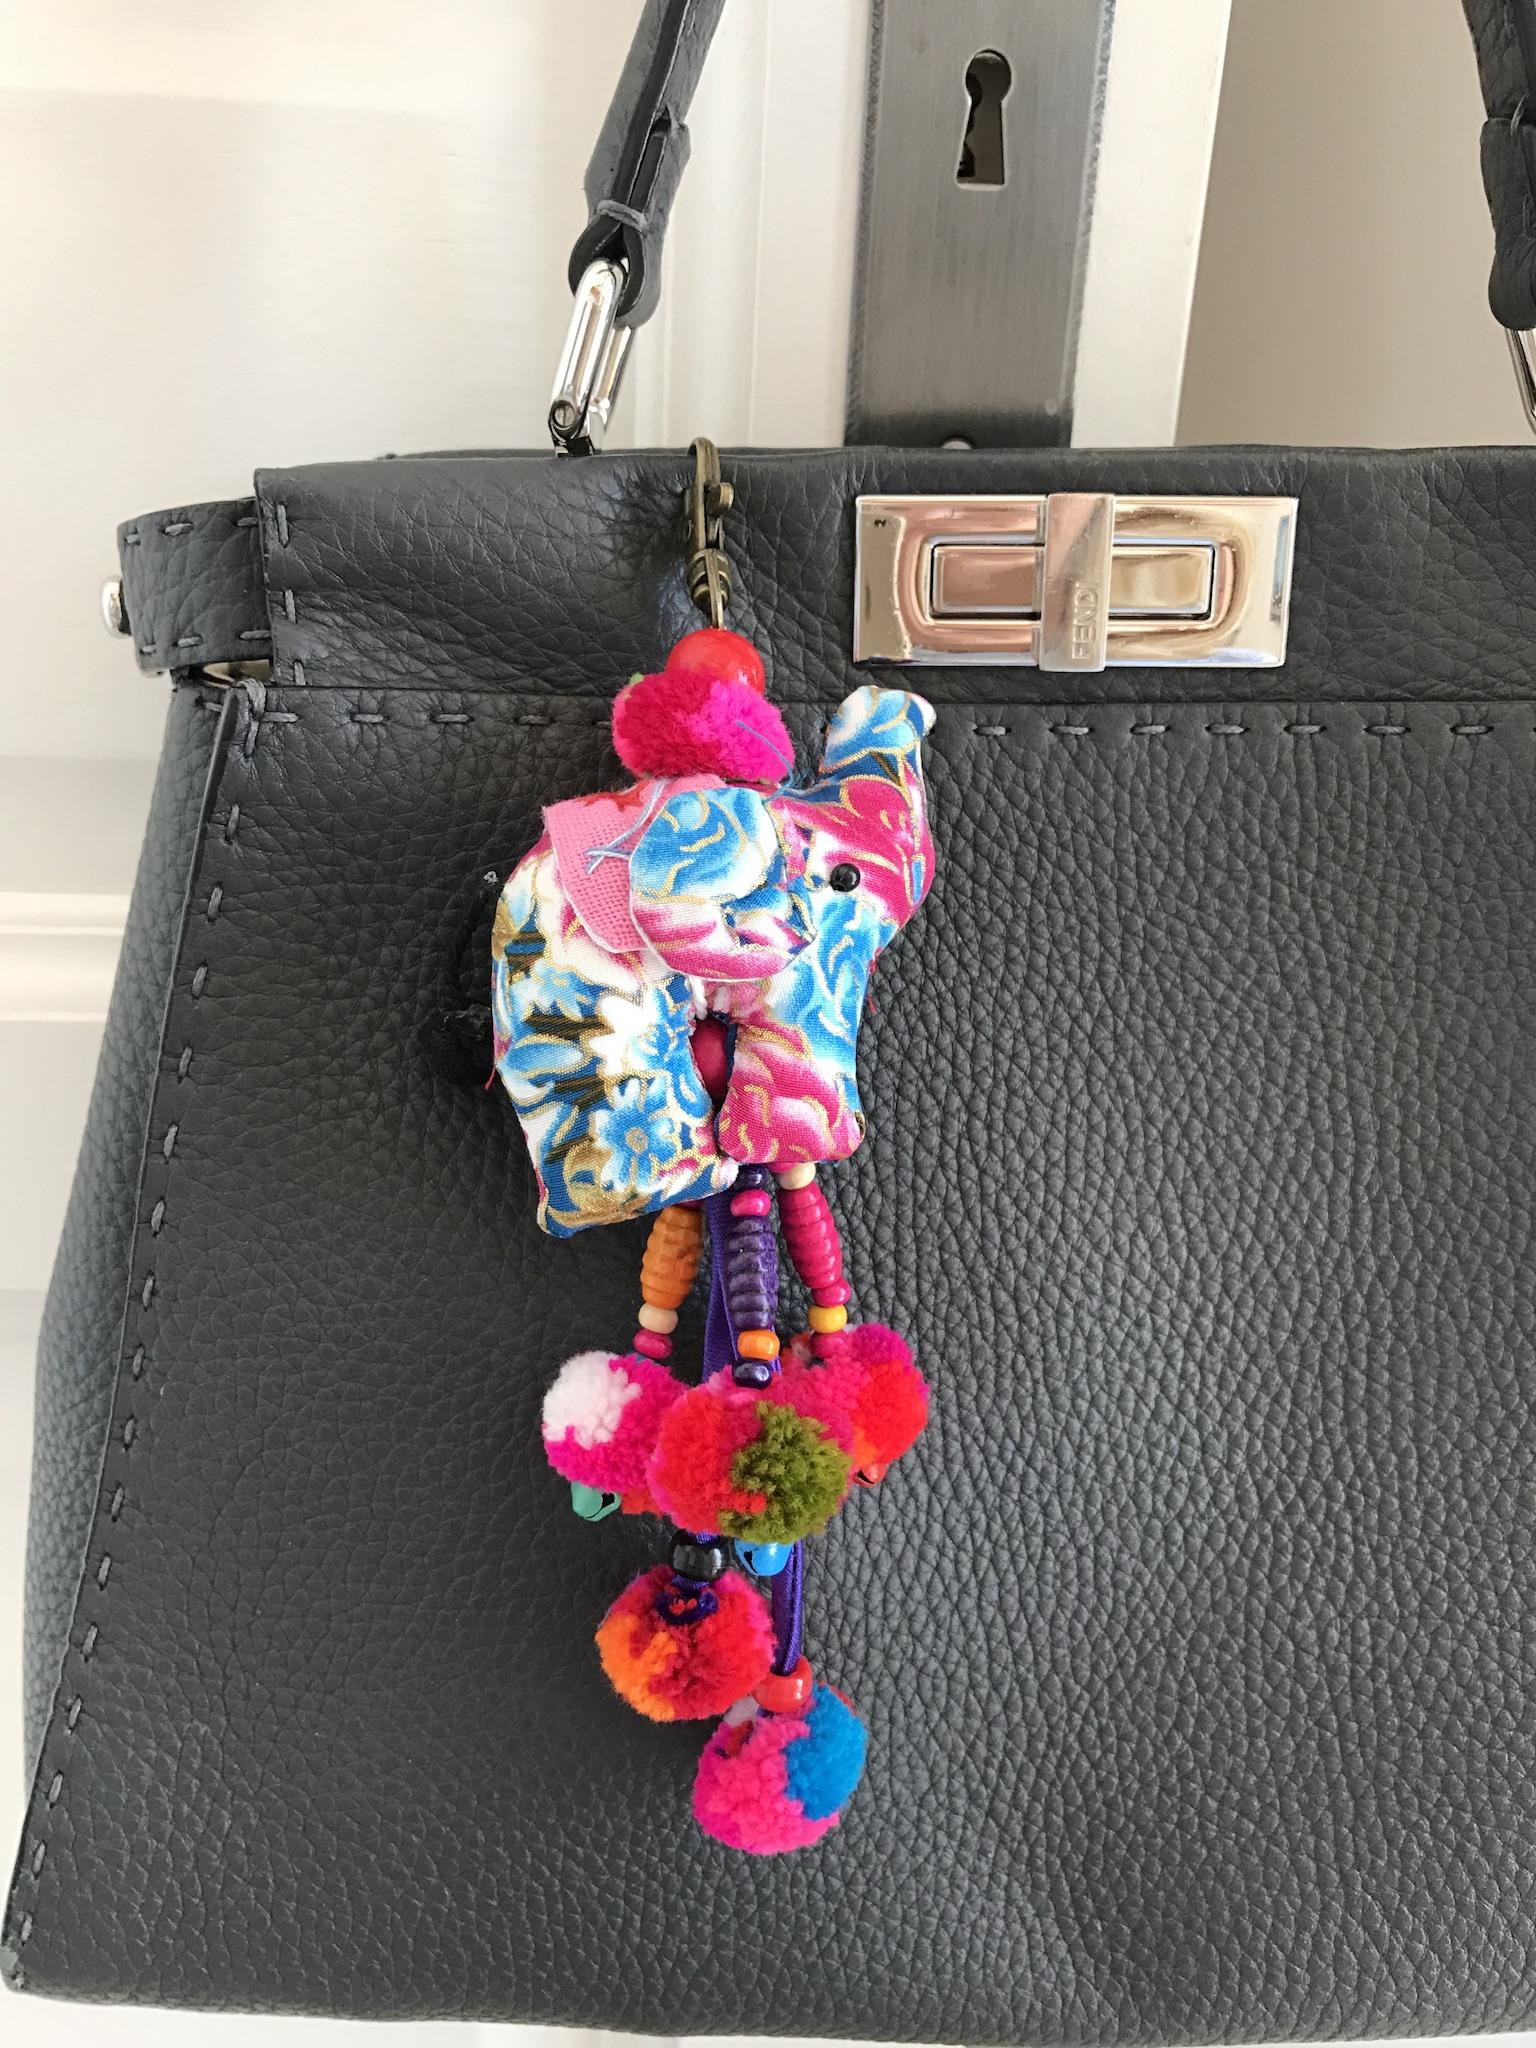 Taschendekoration, Taschenschmuck, Anhänger für Taschen. Taschenanhänger bunt, Accessoire Trends, Fashion-Blog, Lieblingsstil.com